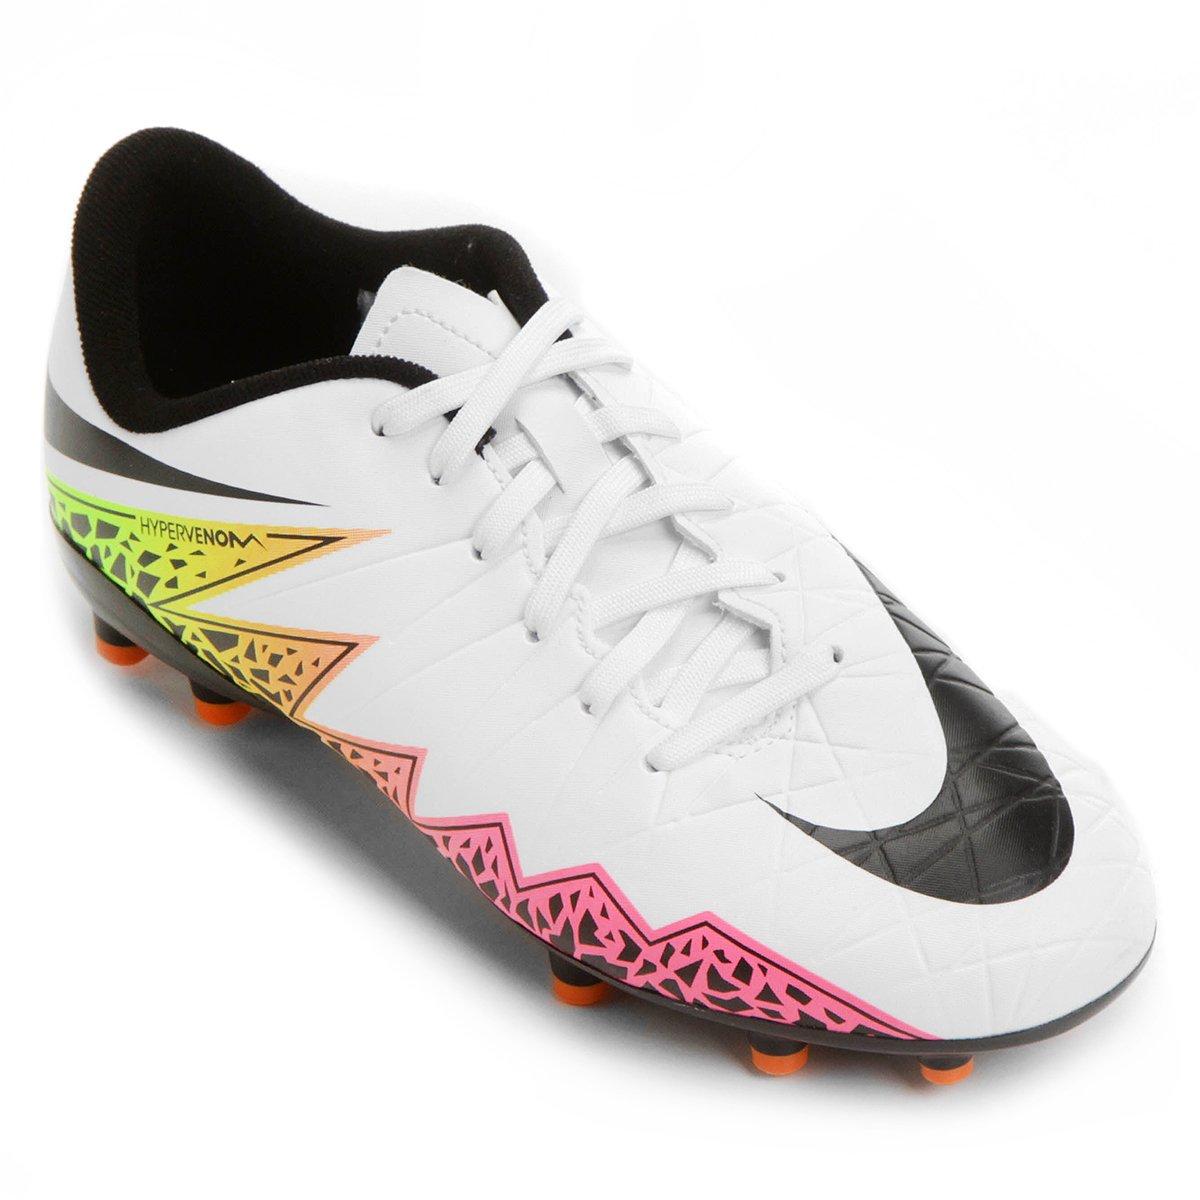 Chuteira Nike Hypervenom Phelon 2 FG Infantil - Compre Agora  e6b261adbf94e